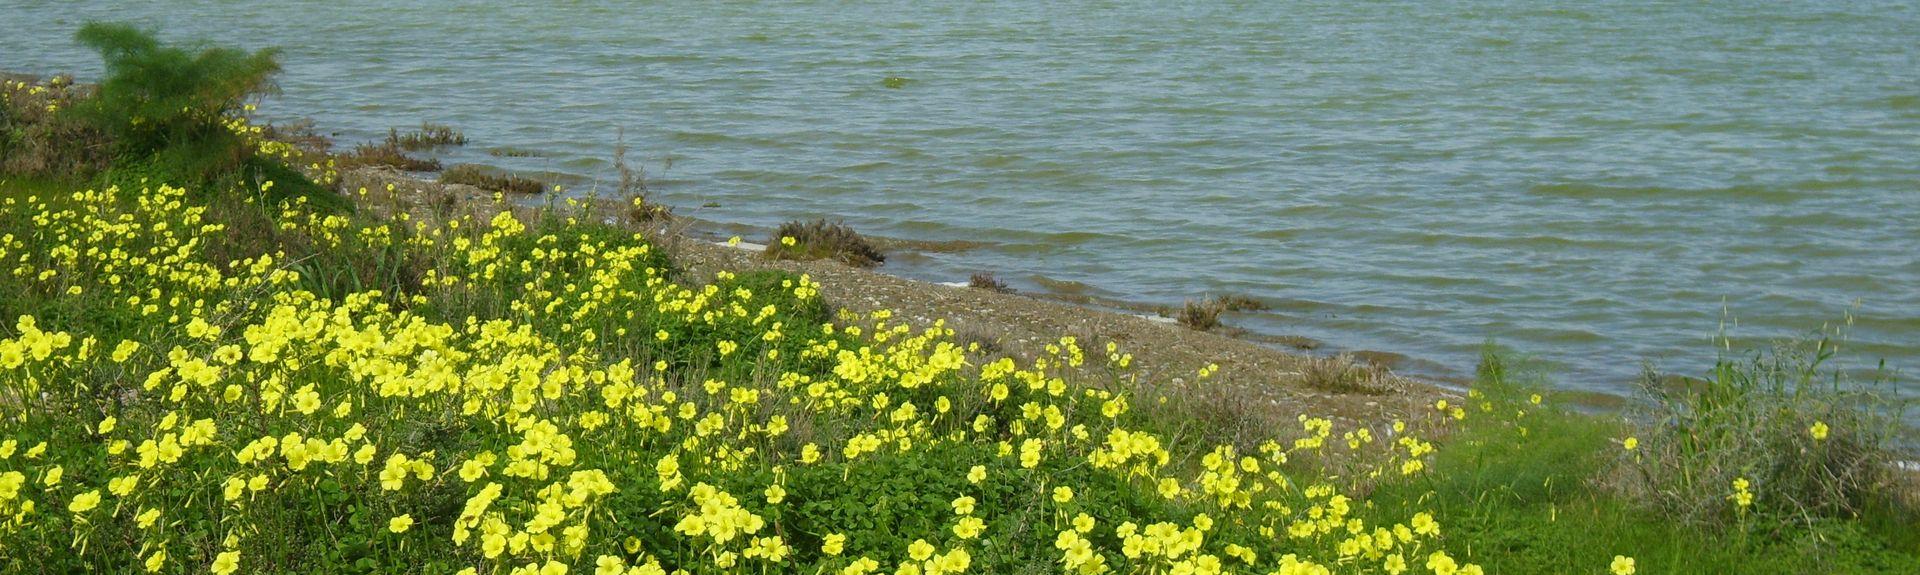 Softades, Cyprus